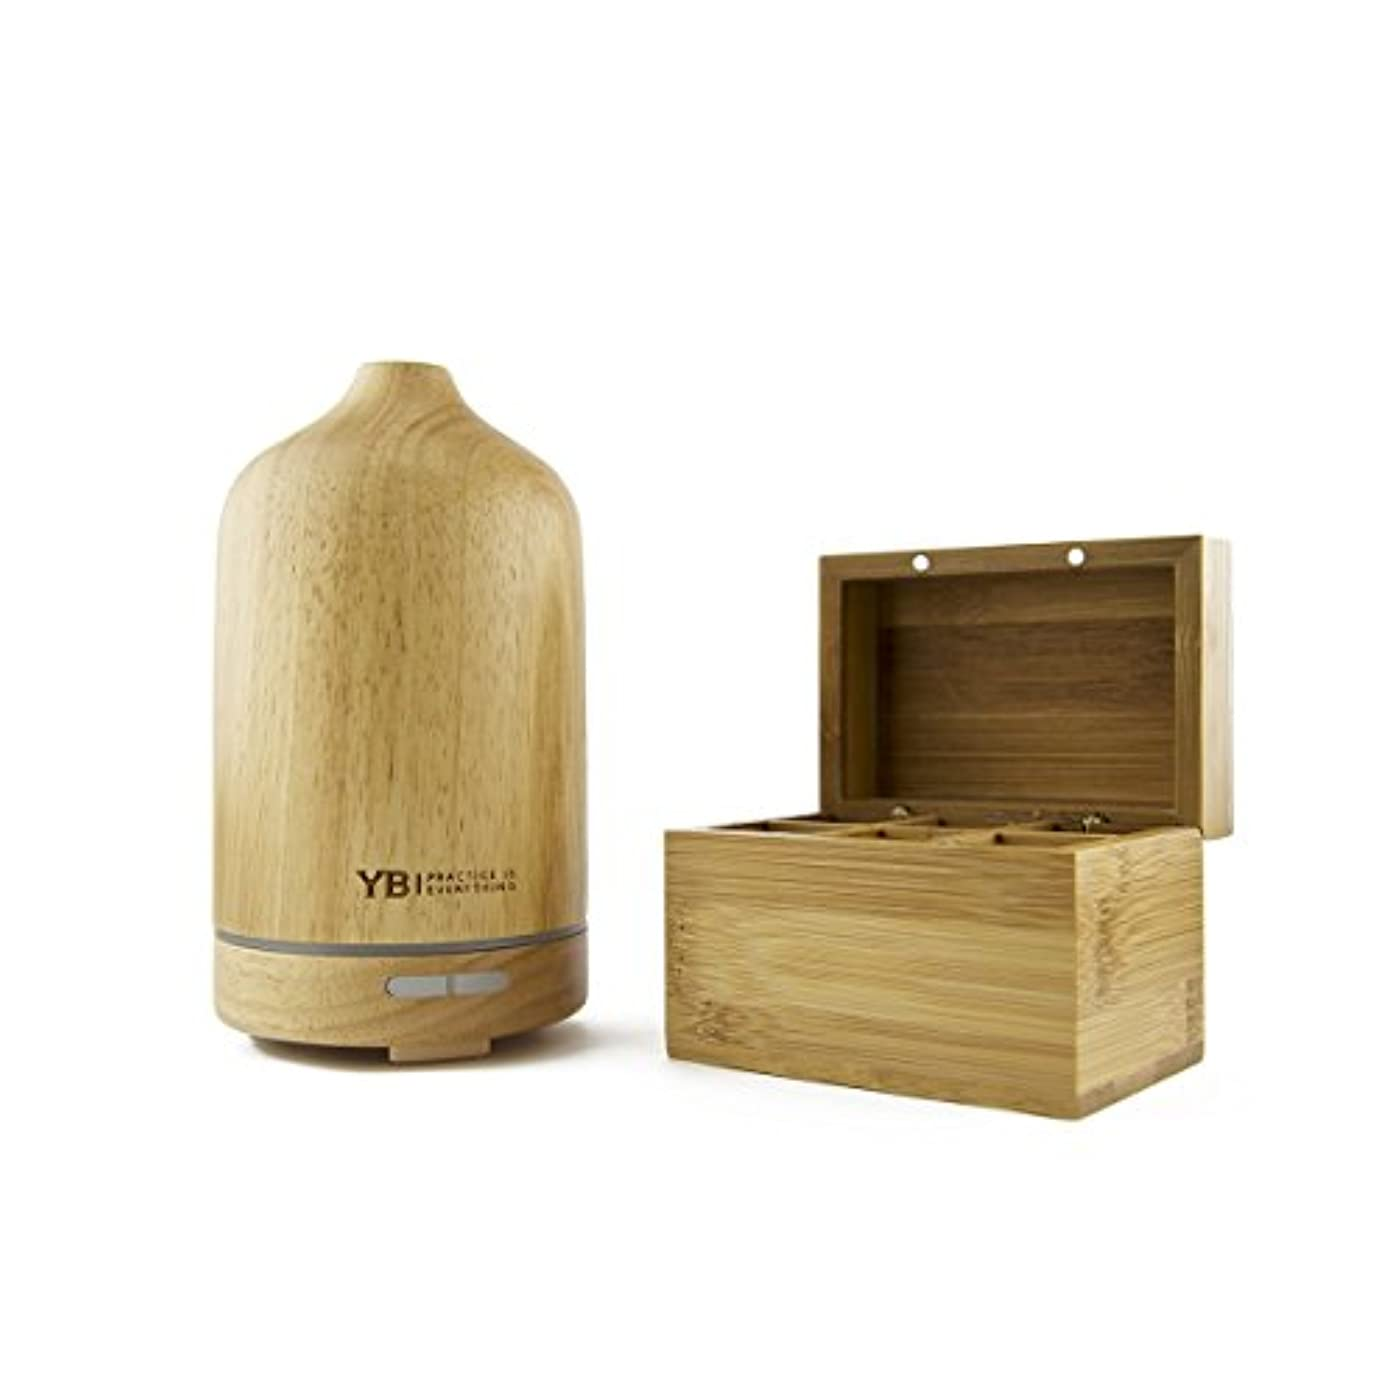 注入するルーチン皮肉なYOGABODYエッセンシャルオイルディフューザー&加湿器[公式]木製 アロマセラピー用 3~6時間 ミスト、自動オフプラスライト。